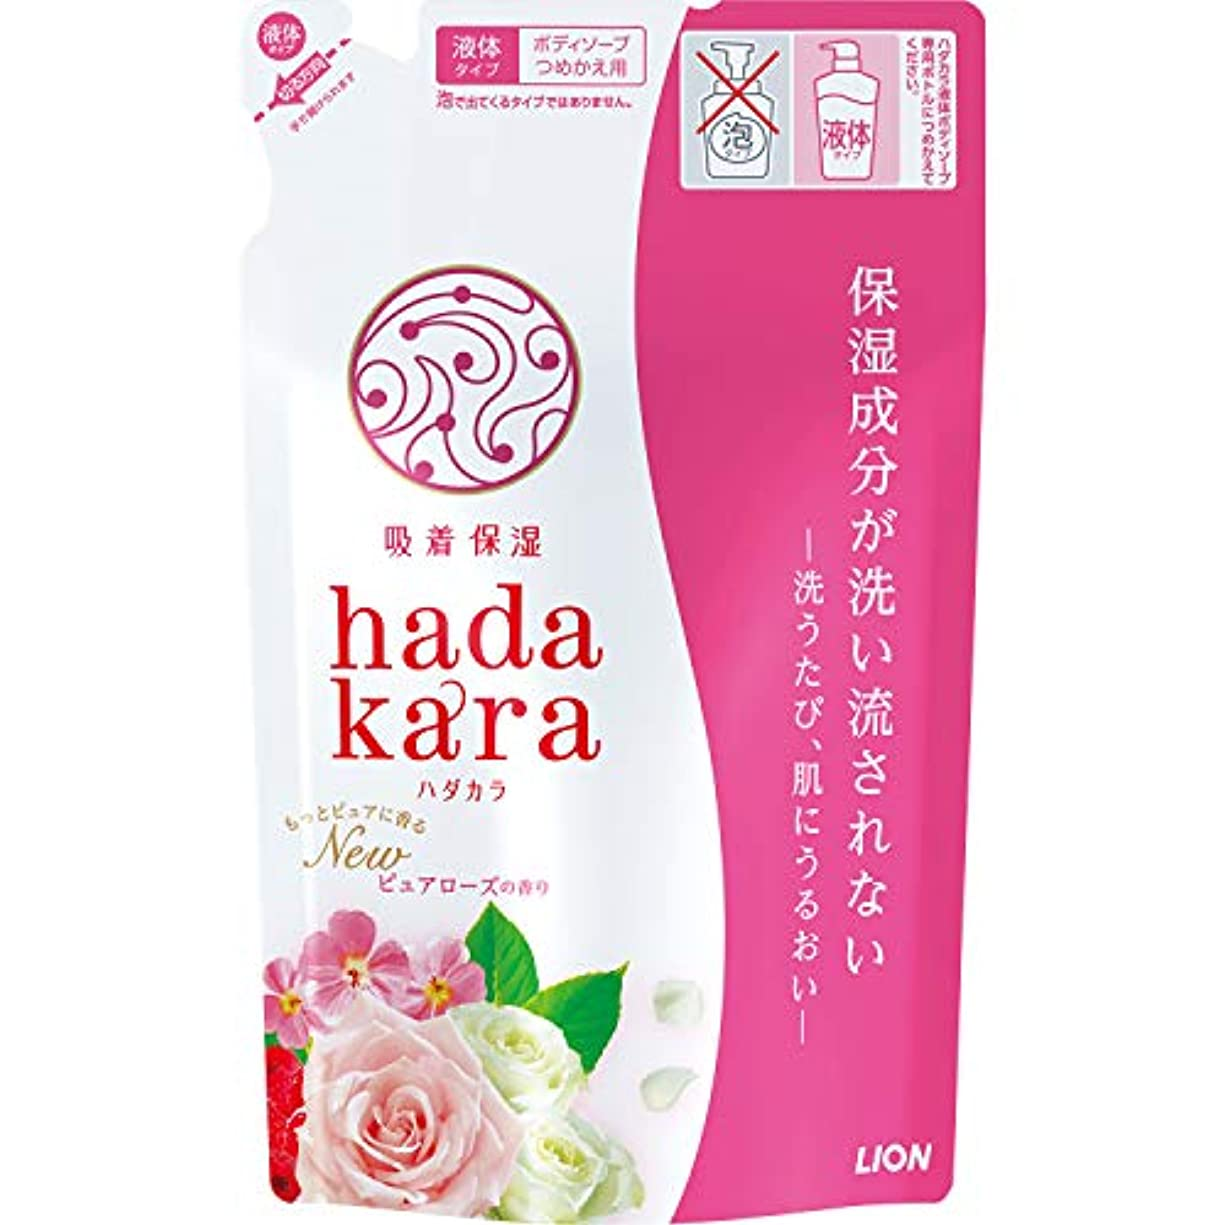 腐敗したおなじみの栄光のhadakara(ハダカラ) ボディソープ ピュアローズの香り 詰め替え 360ml